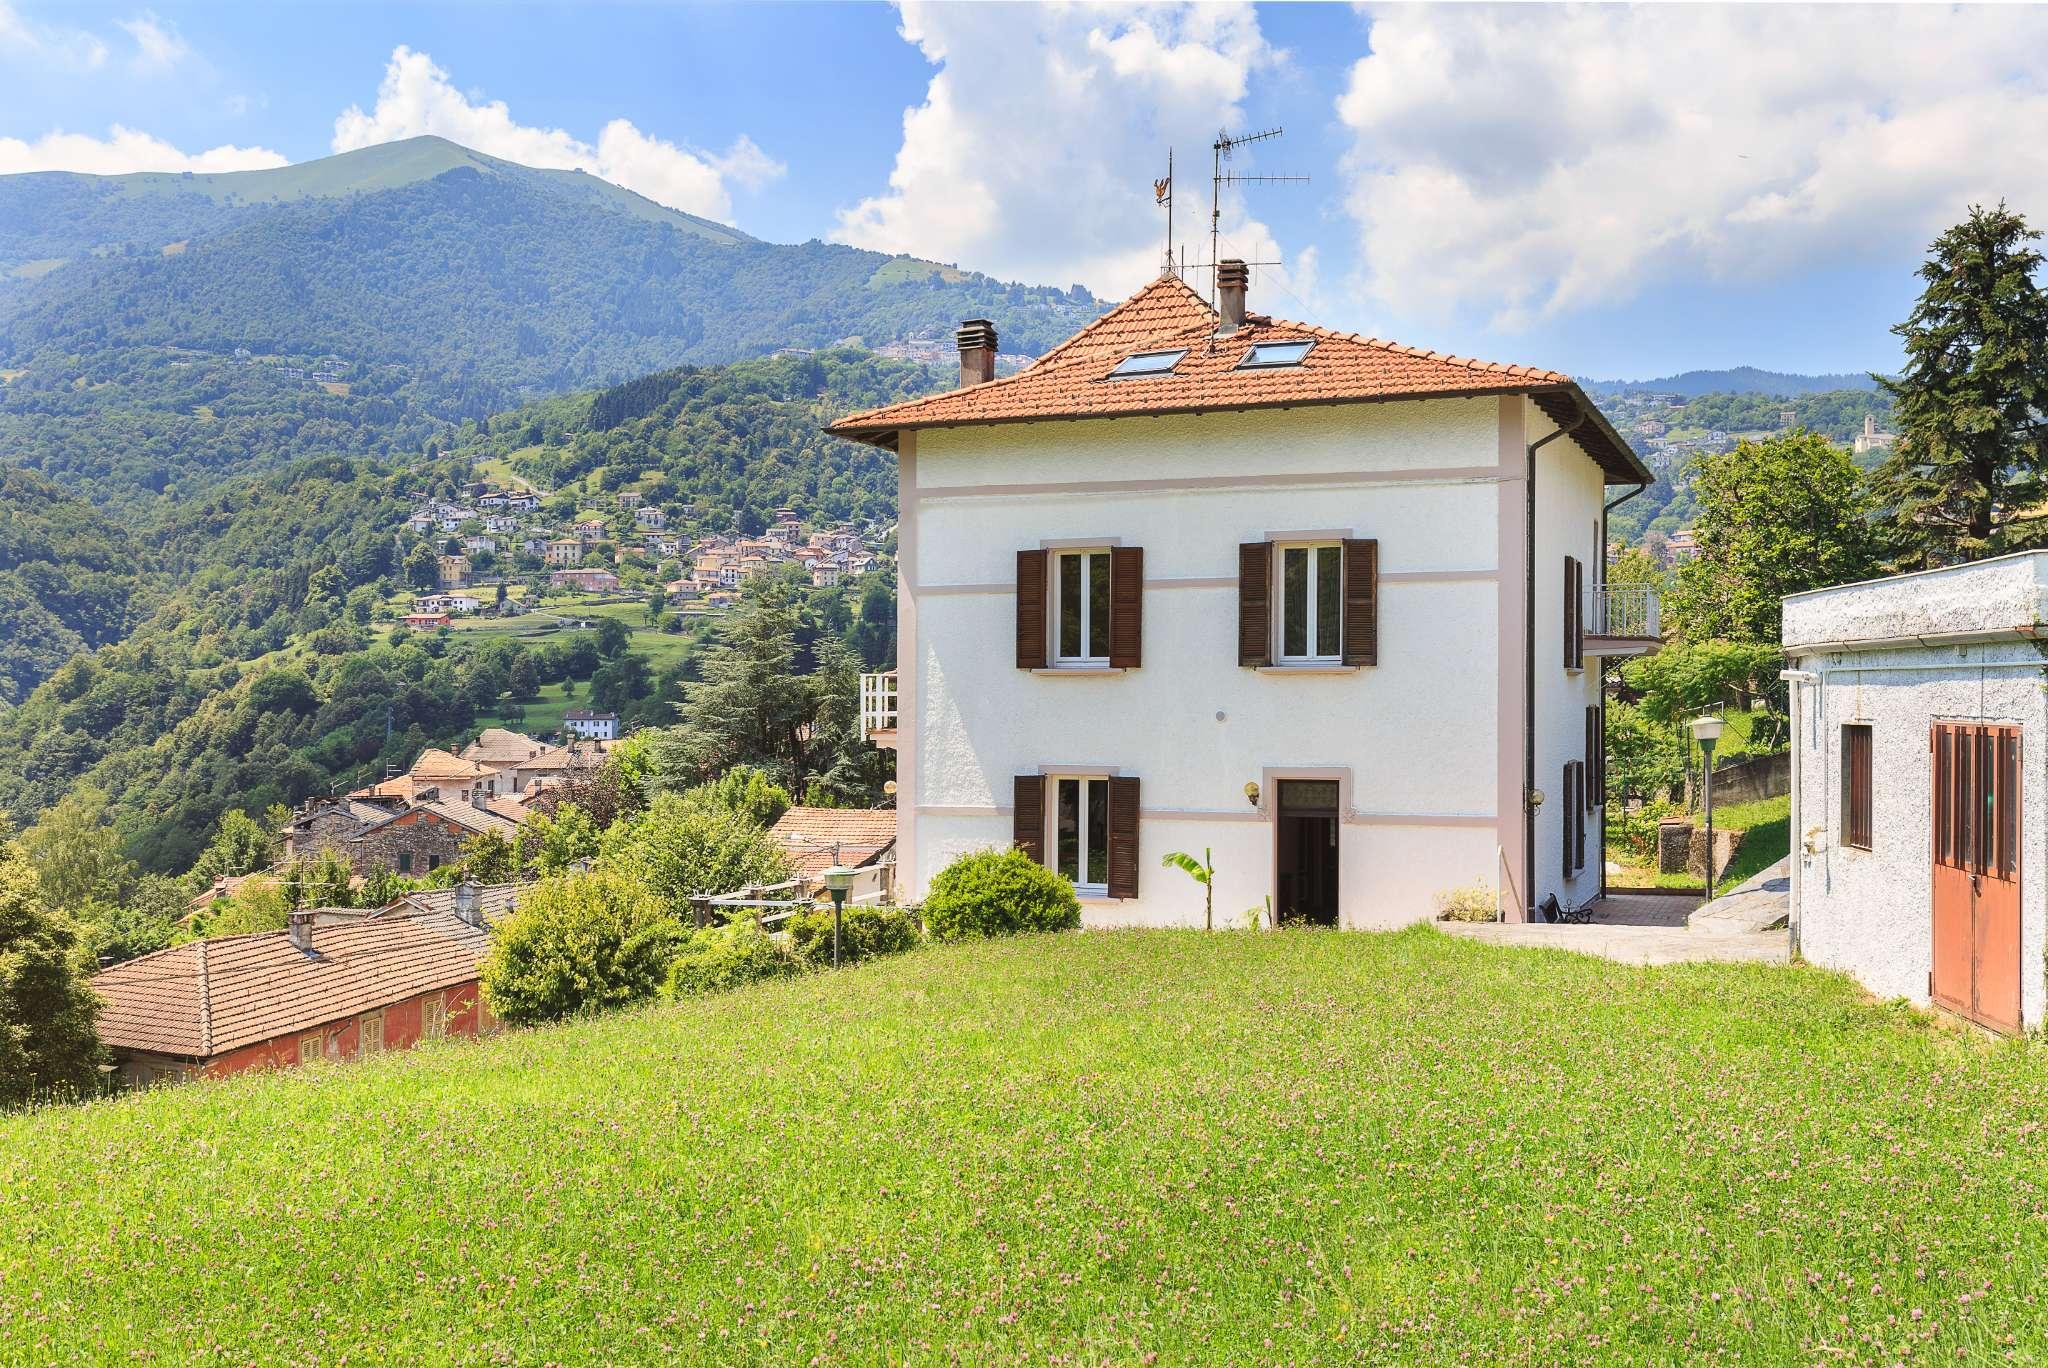 Villa in vendita a Dizzasco, 10 locali, prezzo € 1.600.000 | PortaleAgenzieImmobiliari.it